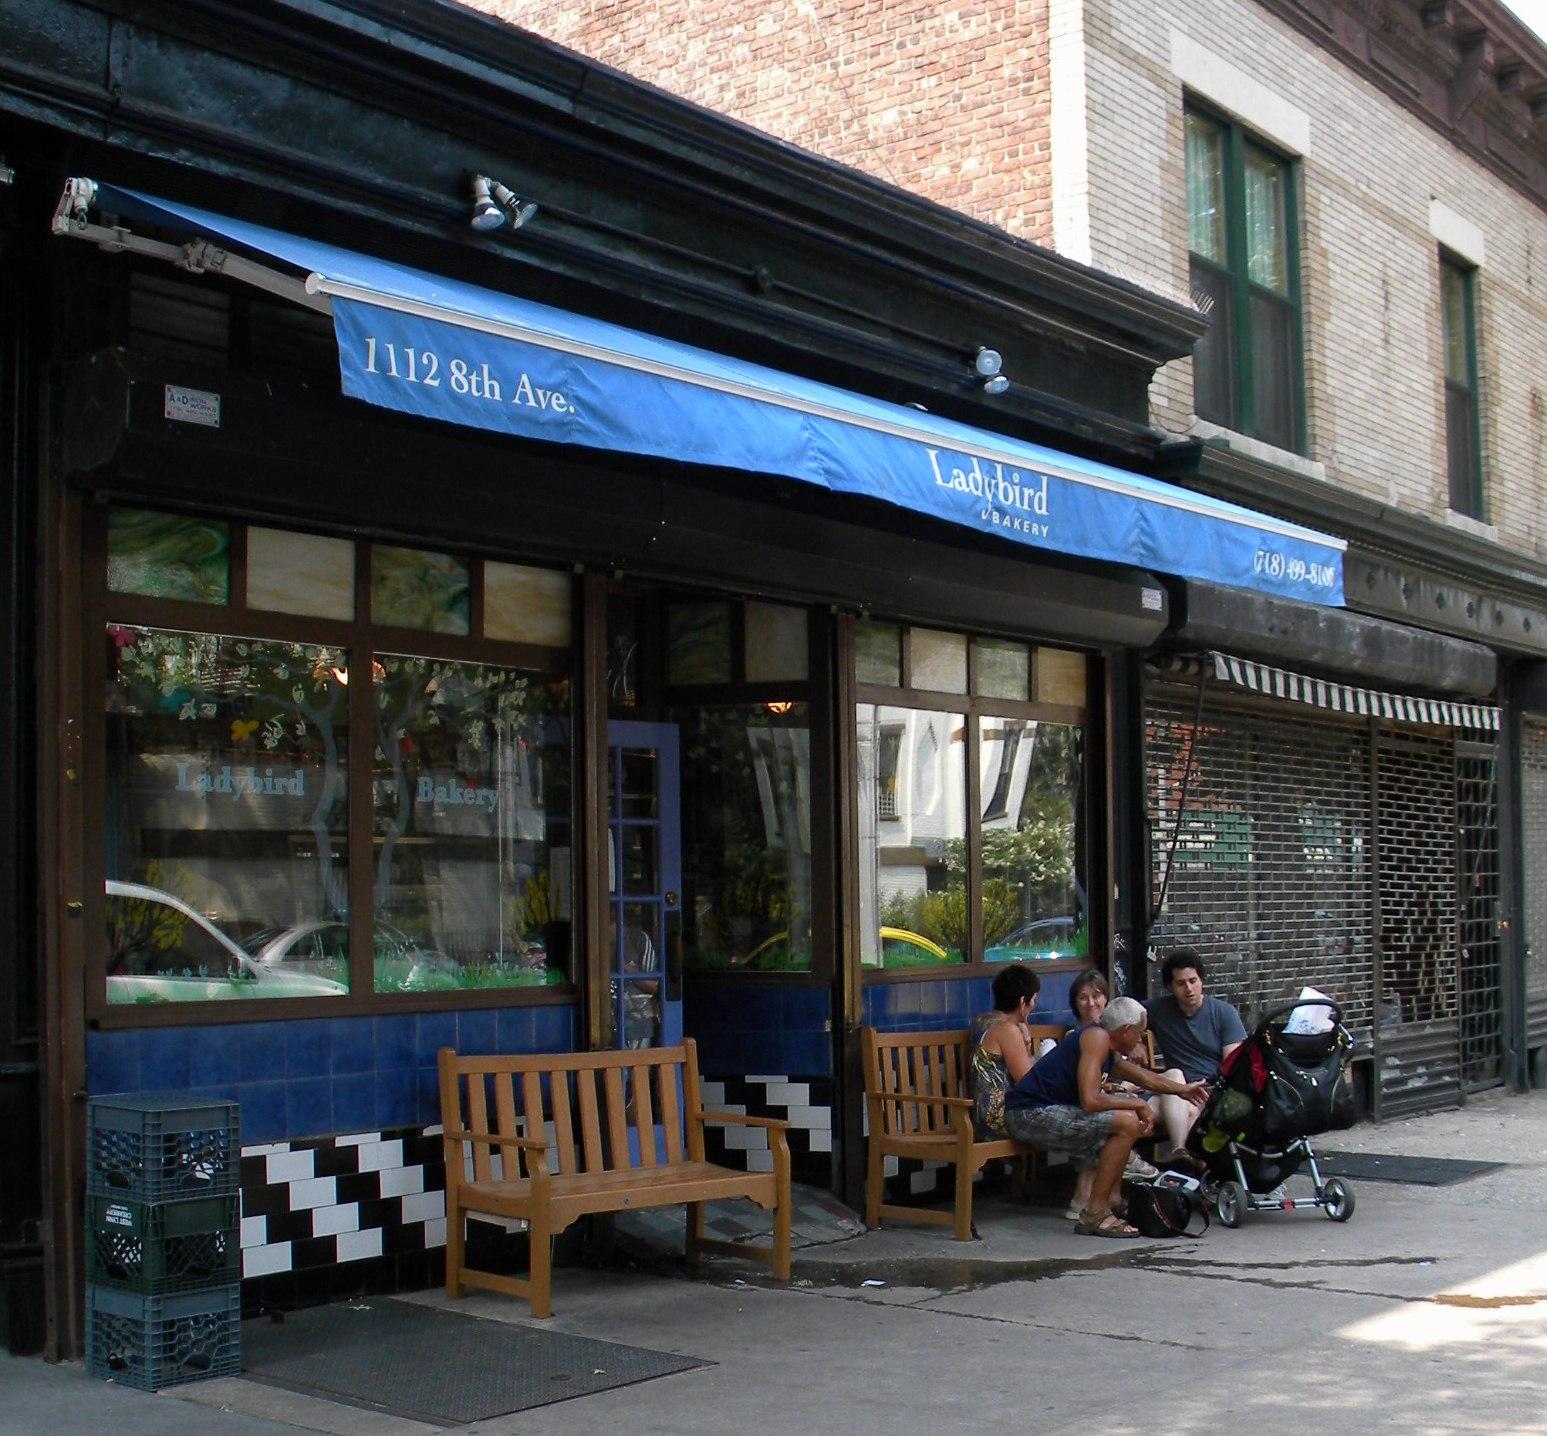 Nett Deutsch Küchenzentrum Brooklyn Bilder - Ideen Für Die Küche ...